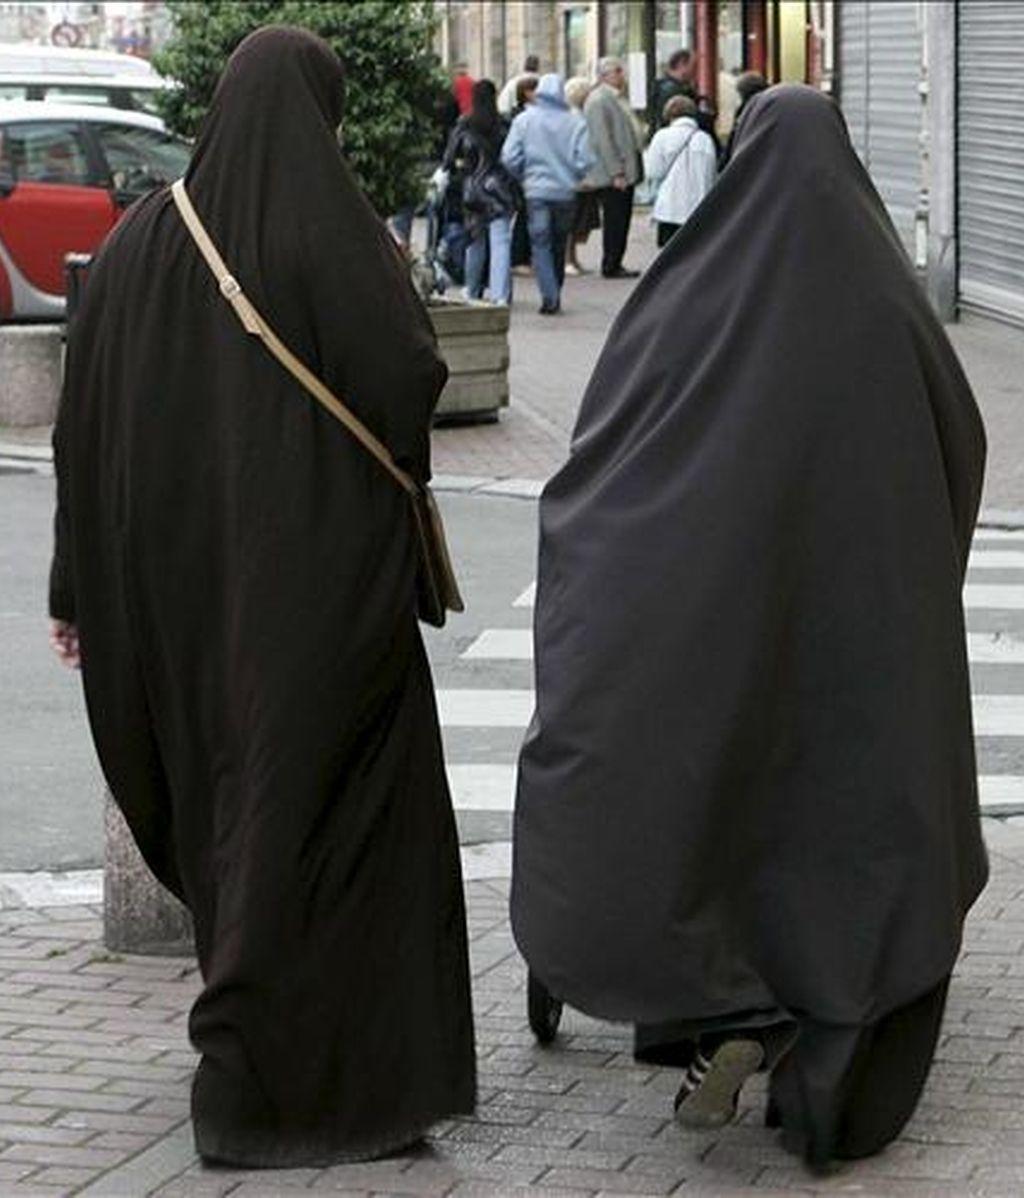 Fotografía de archivo de dos mujeres musulmanas cubiertas con el niqab en Douai, norte de Francia, el 14 de mayo de 2007. La Asamblea Nacional comienza a debatir hoy, martes 6 de julio de 2010 un proyecto de ley que prevé la prohibición del velo integral, como el burka o el niqab, en todos los espacios públicos. EFE/Archivo